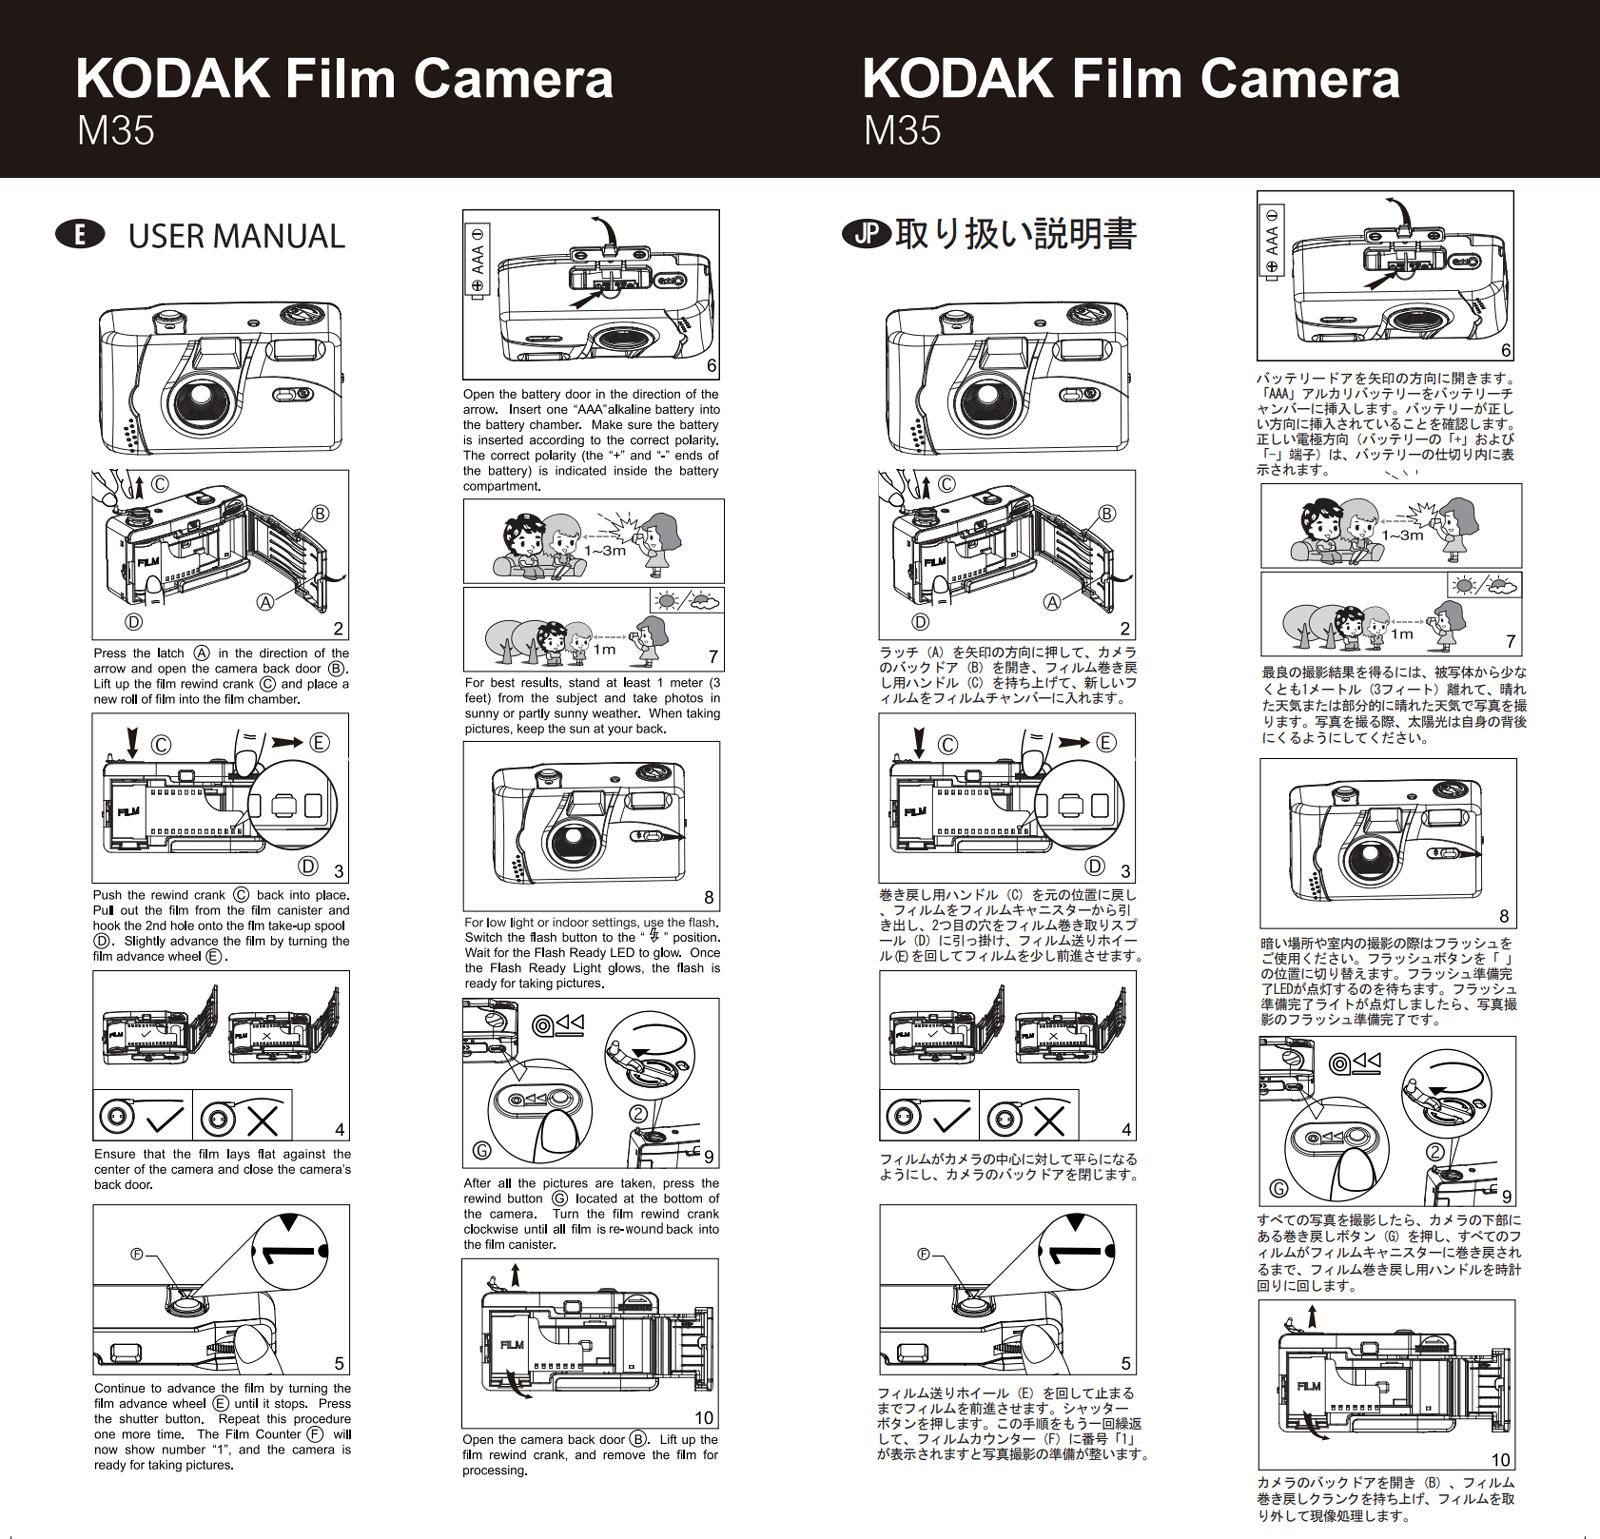 コダック フィルムカメラ M35 取扱説明書